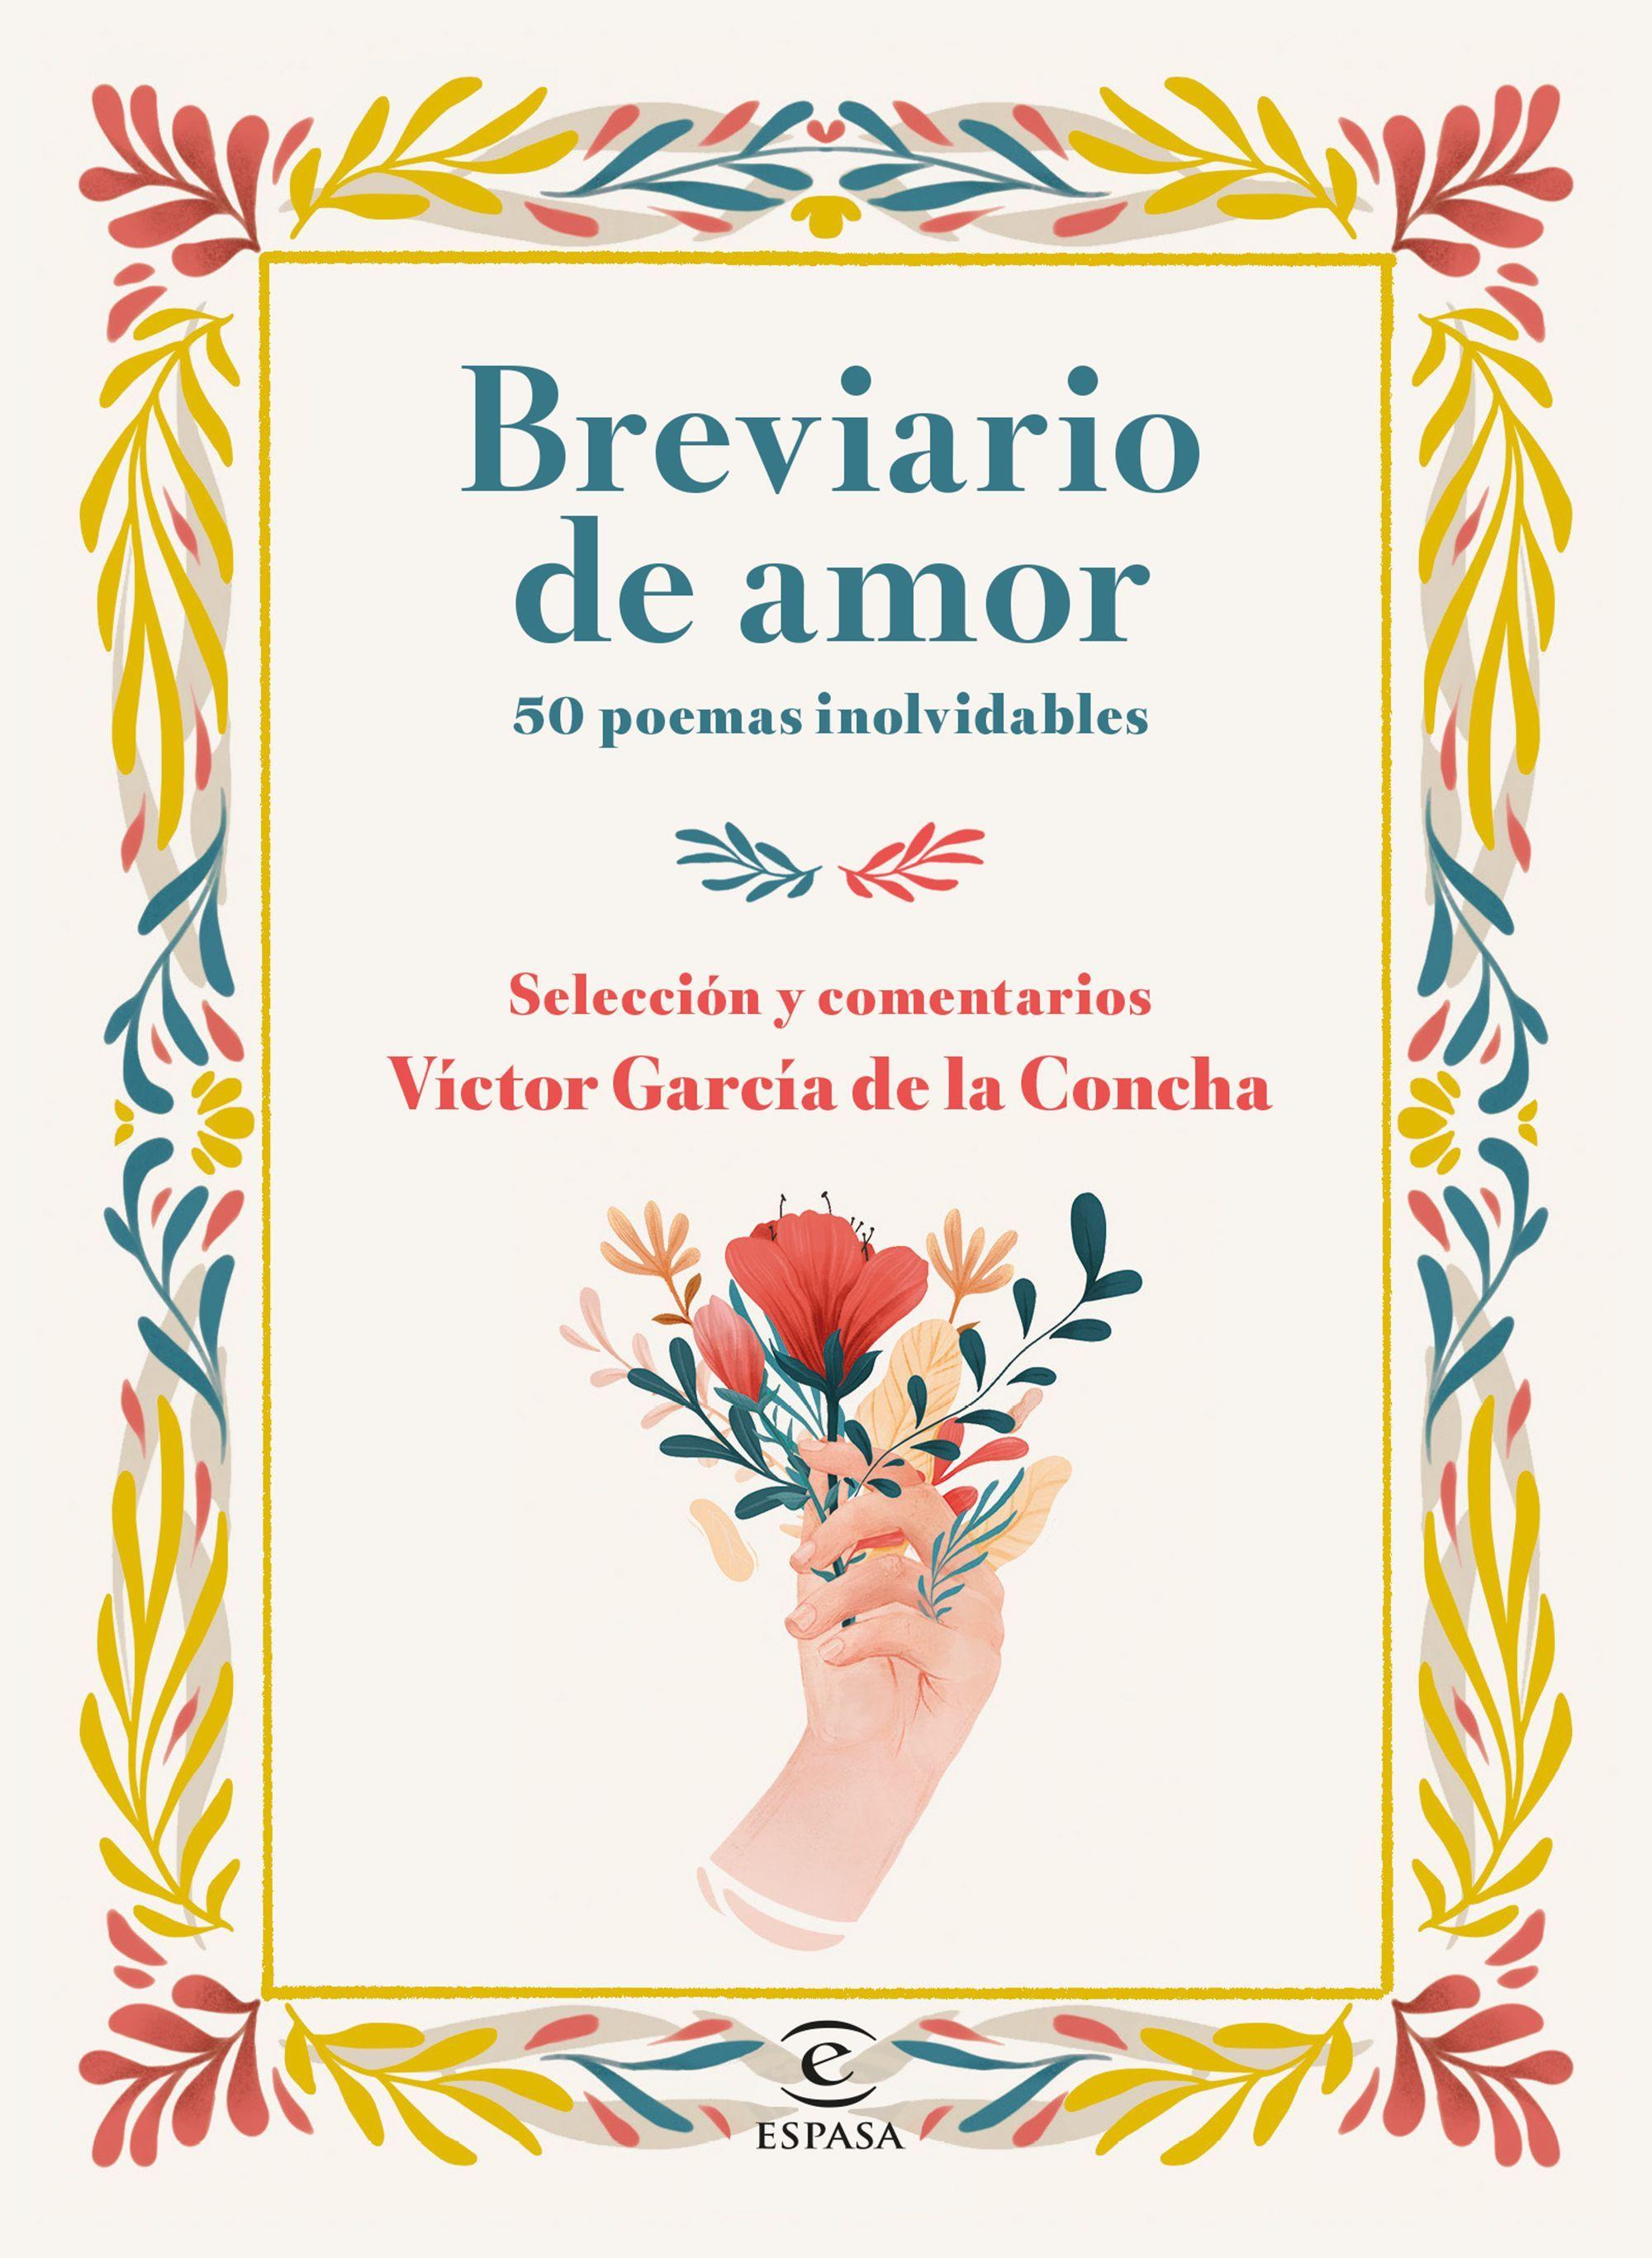 BREVIARIO DE AMOR